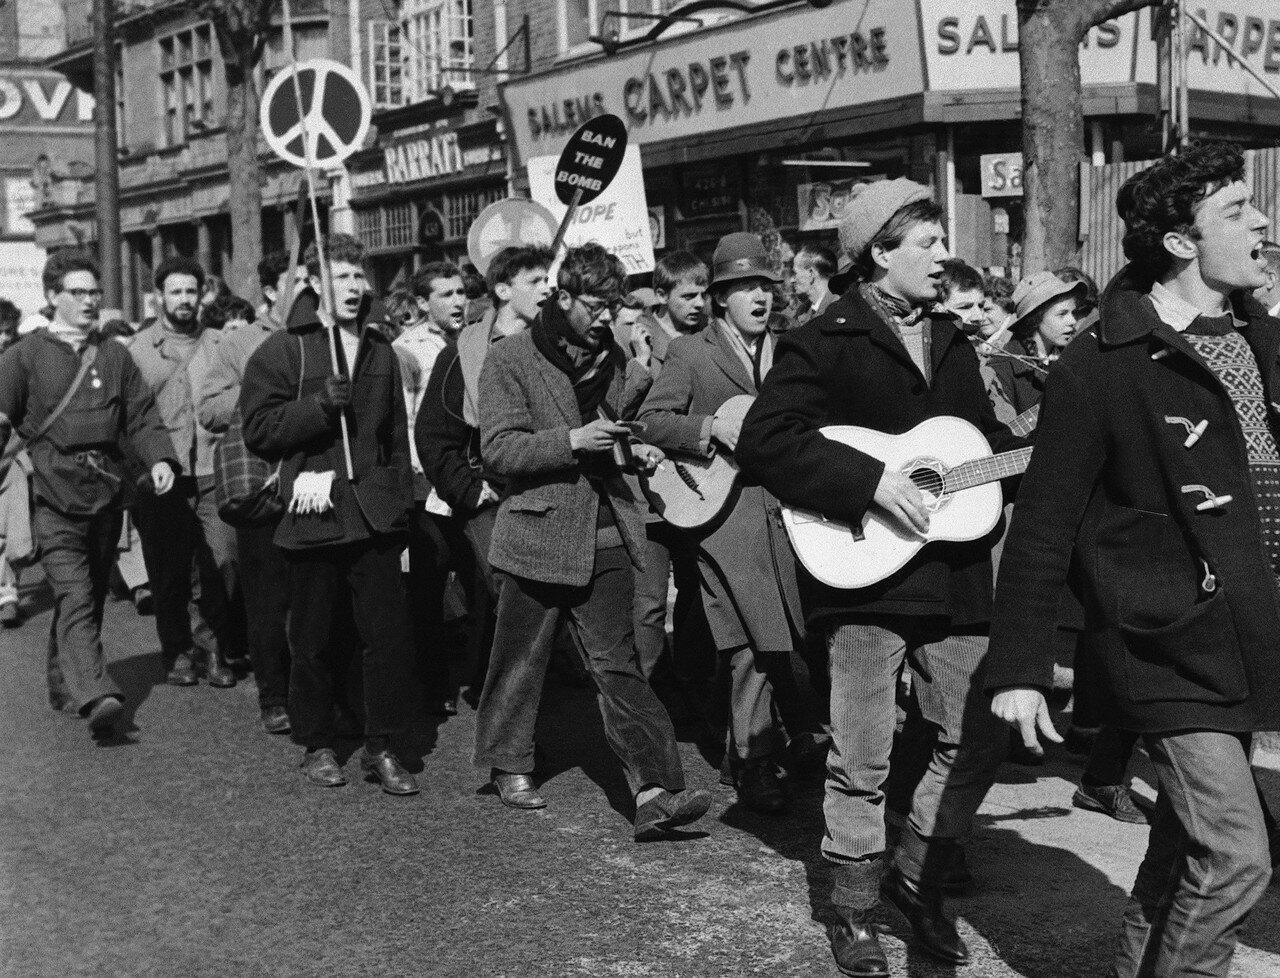 1960.18 апреля. 20 000 демонстрантов протестуют против производства ядерного оружия. Шествие направляется на Трафальгарскую площадь